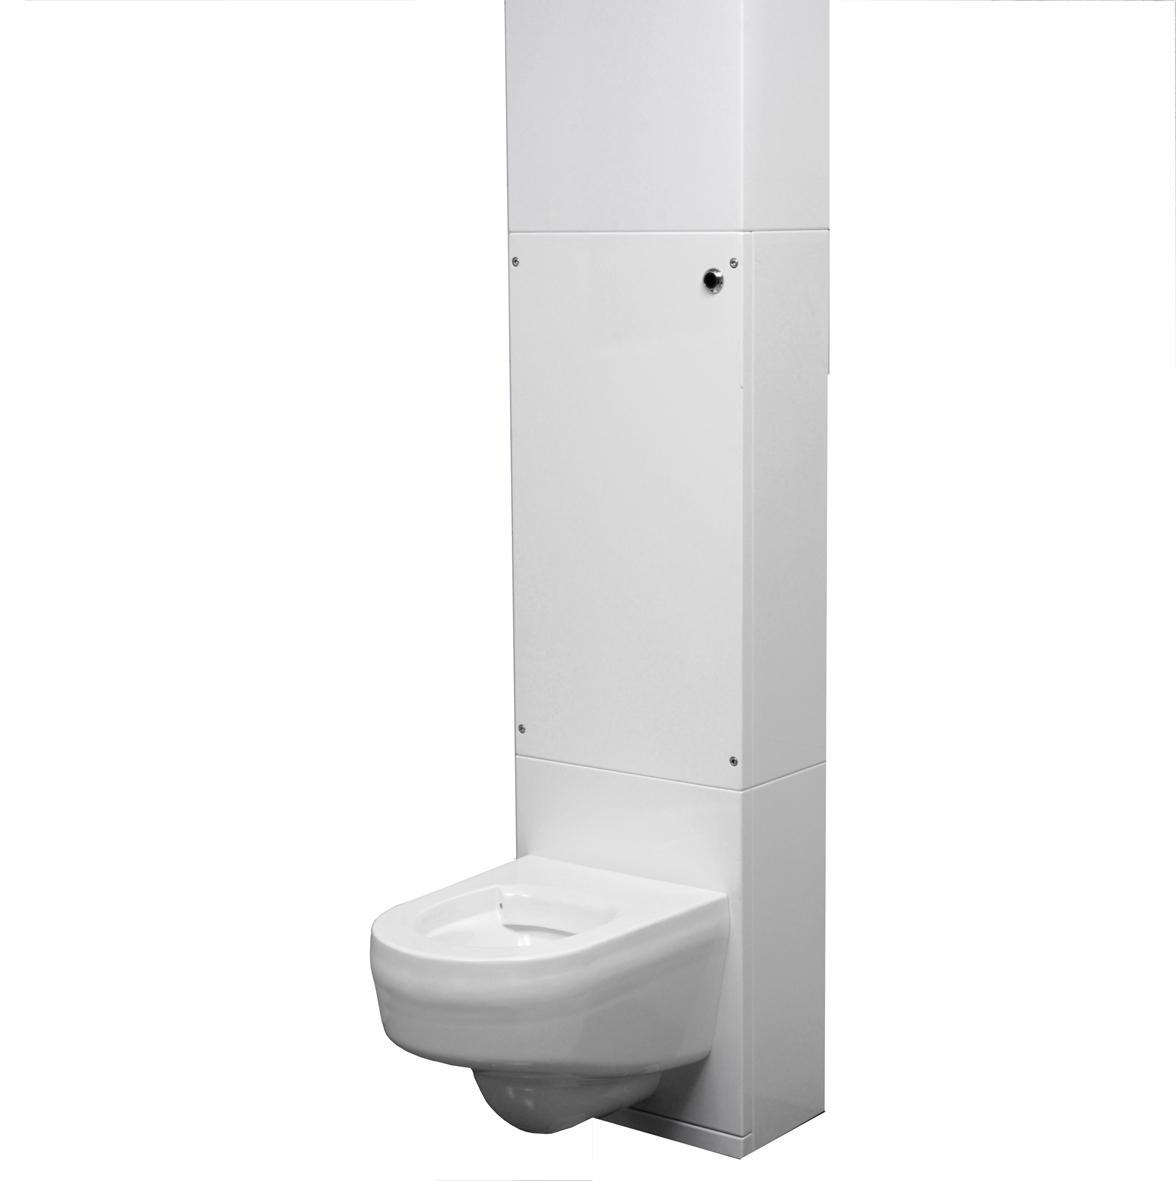 Heno WC modul (Vägg-Hög)